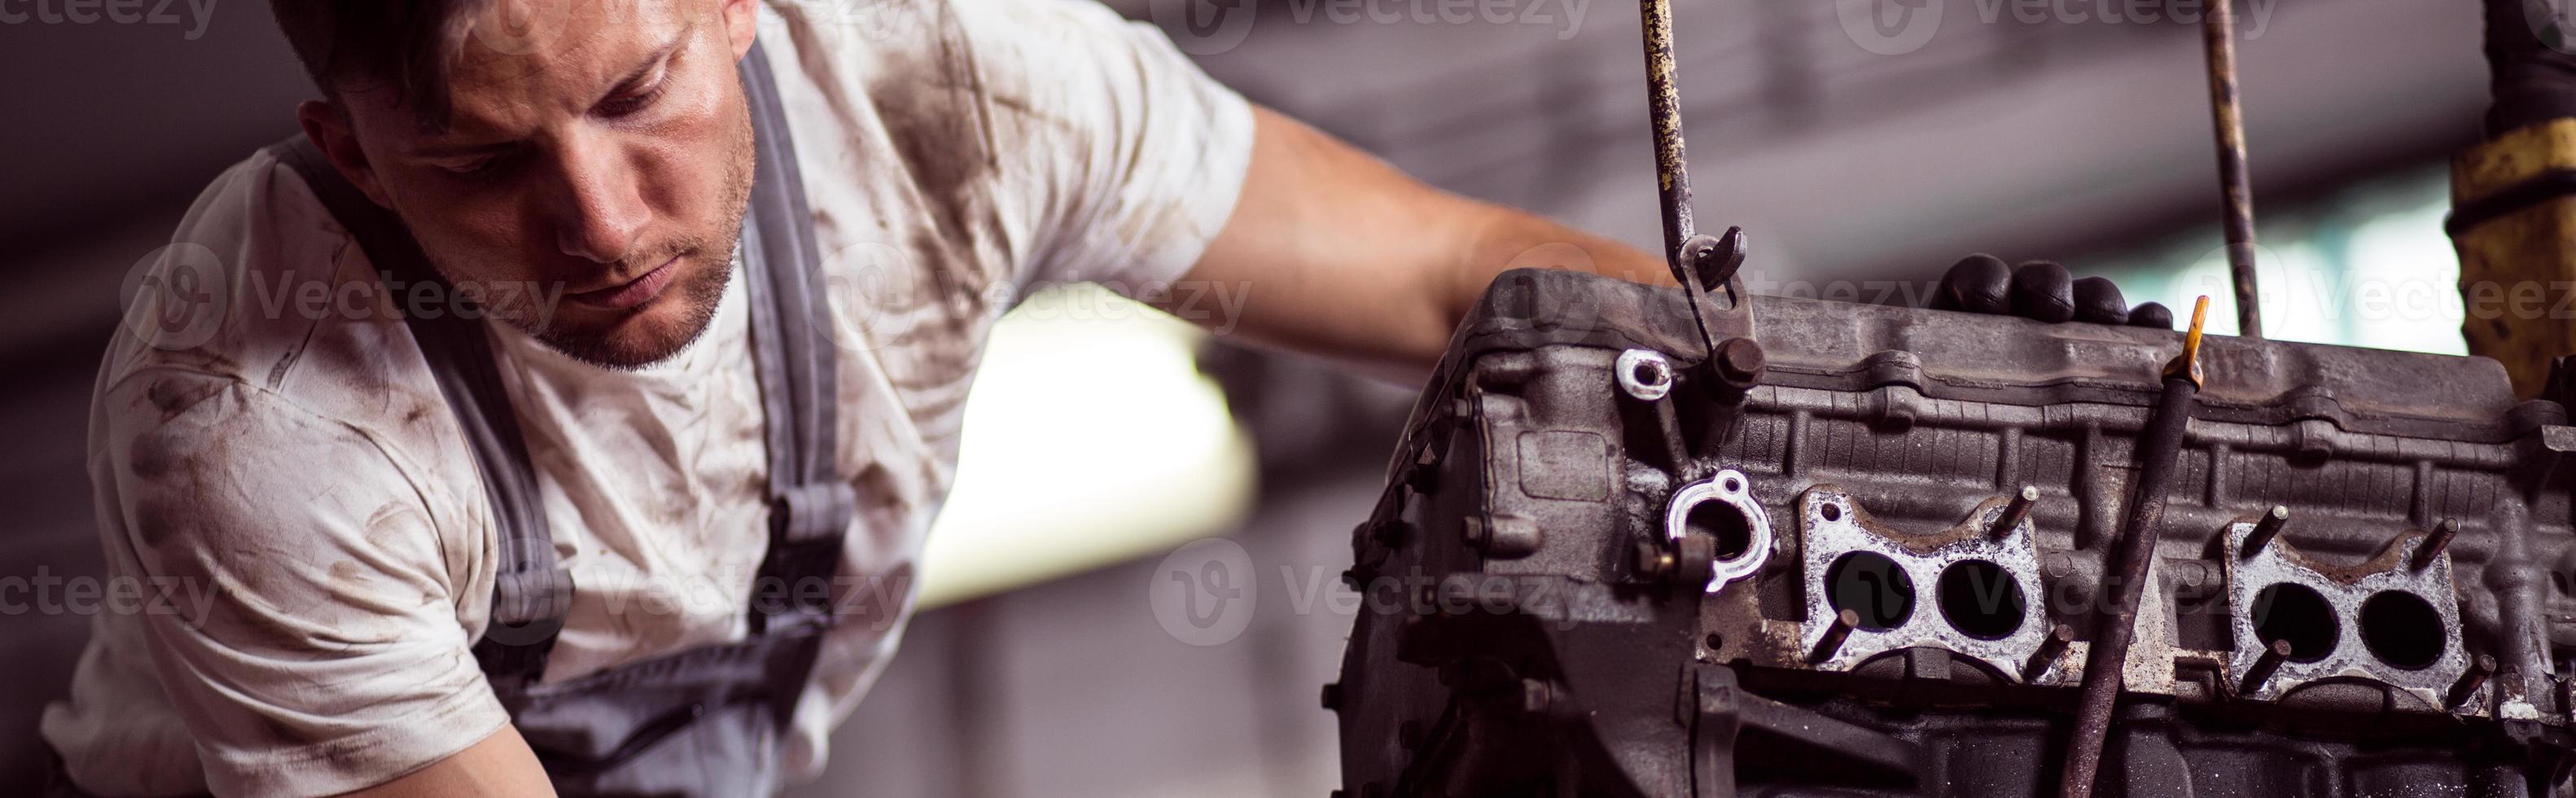 motor de reparação mecânico de garagem foto